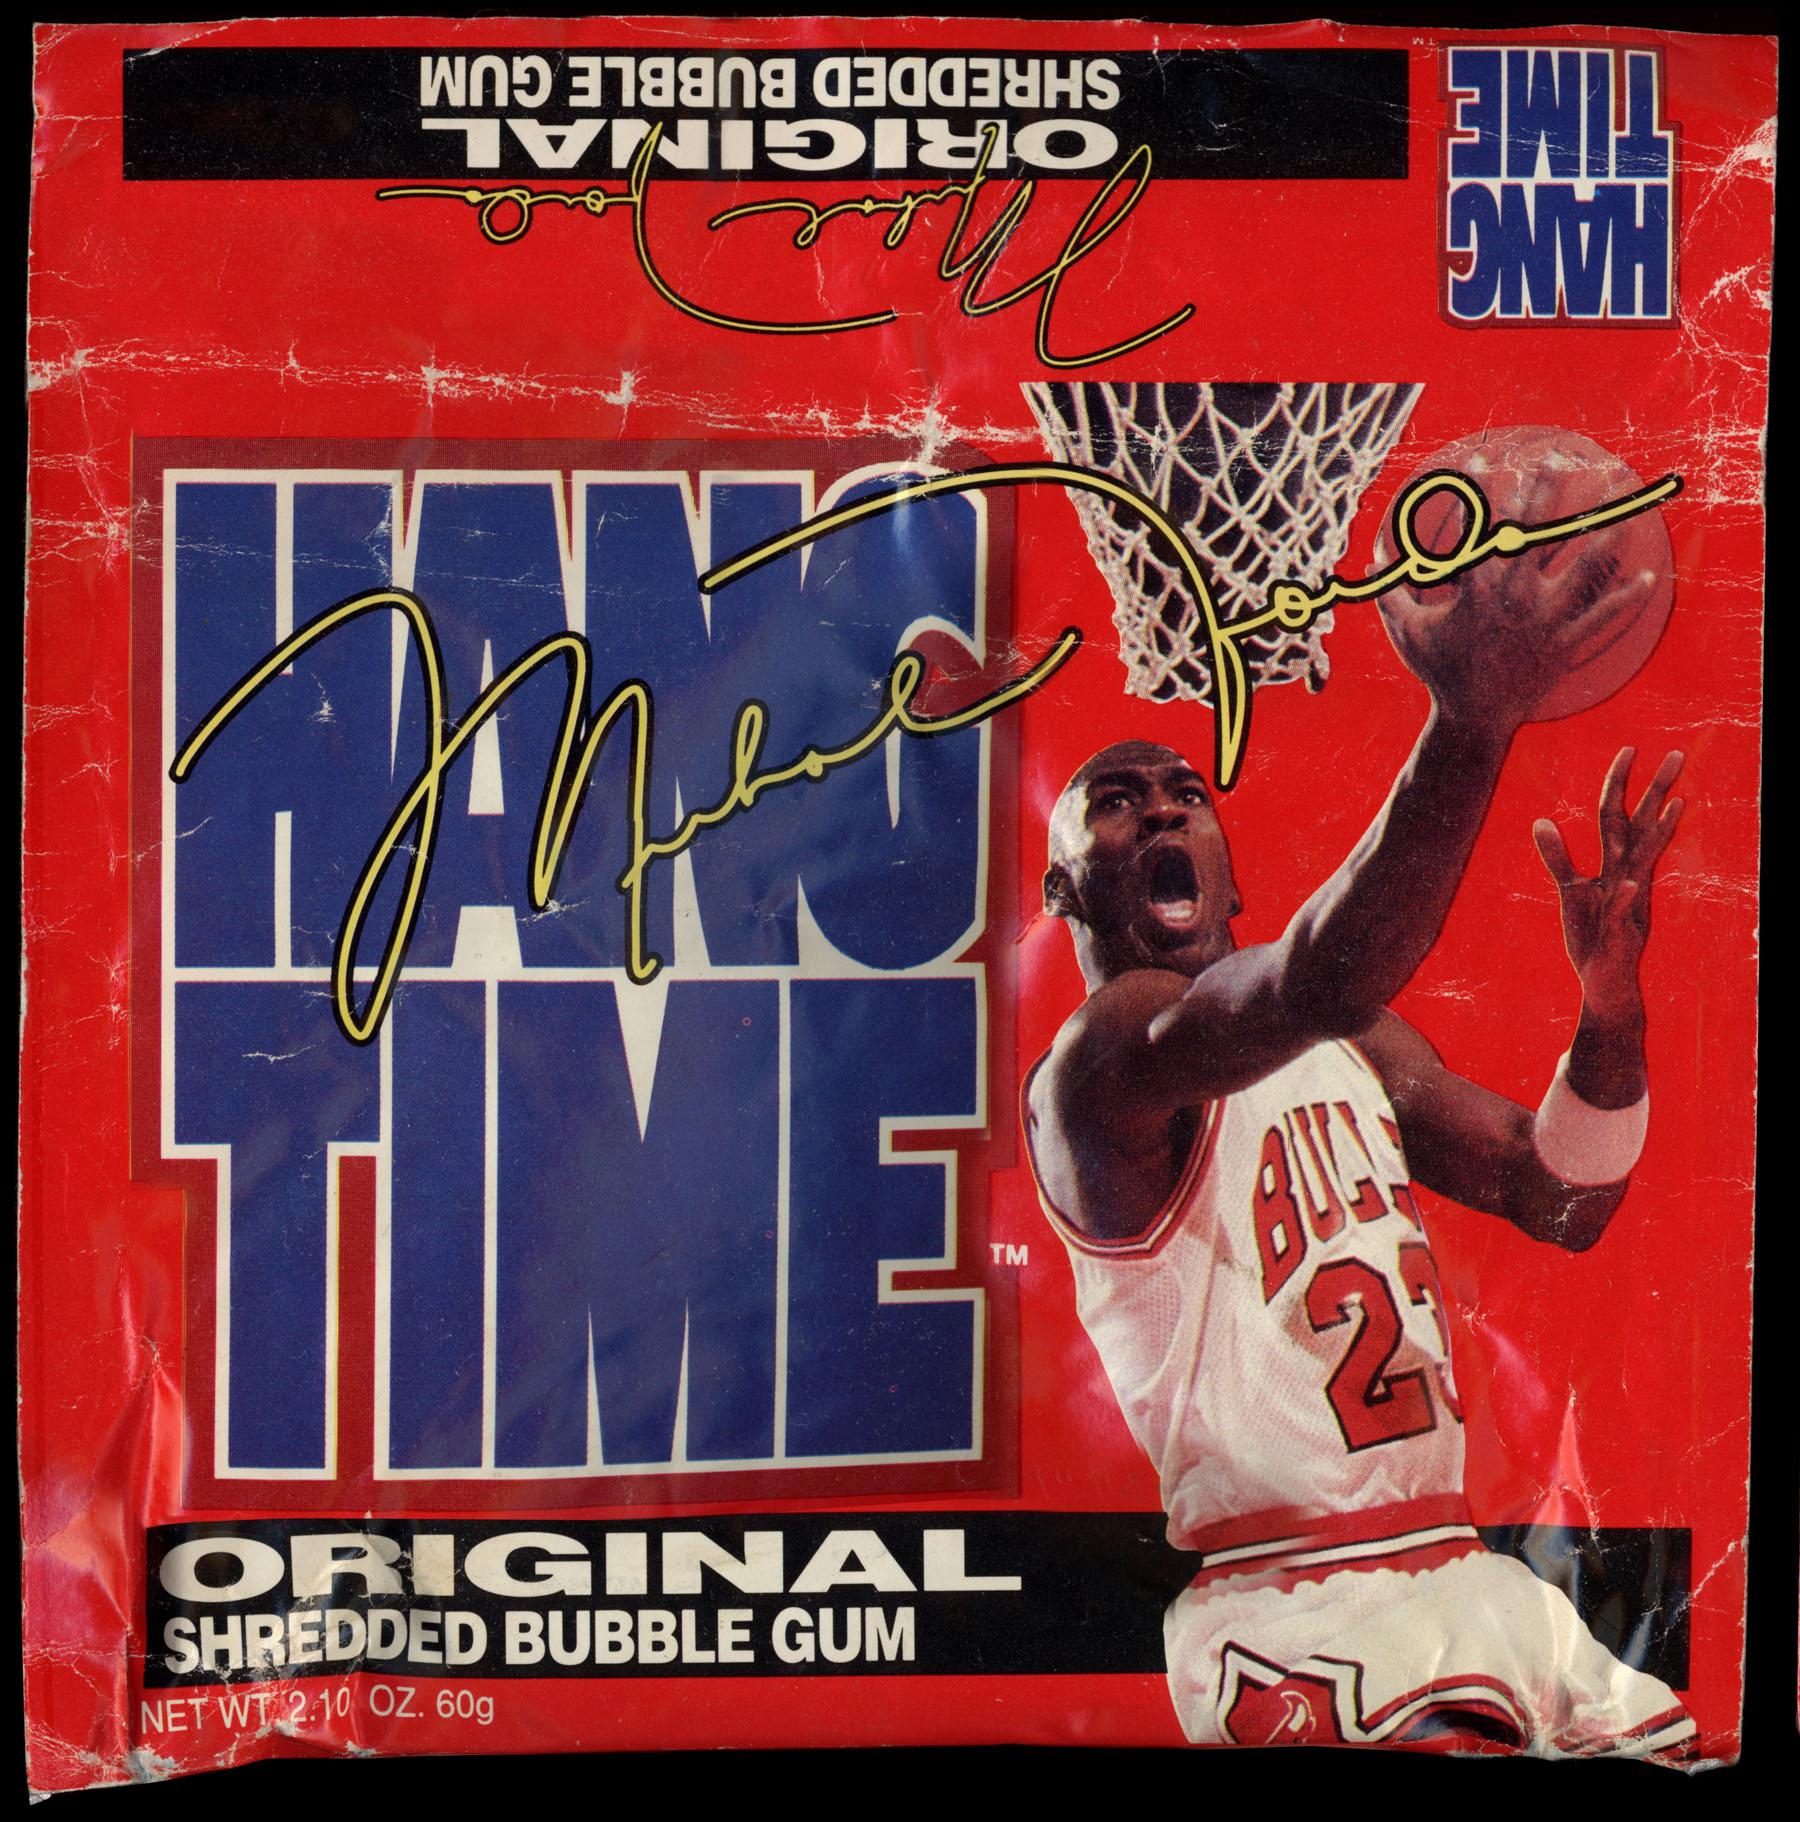 Amurol's Hang Time bubble gum - featuring Michael Jordan